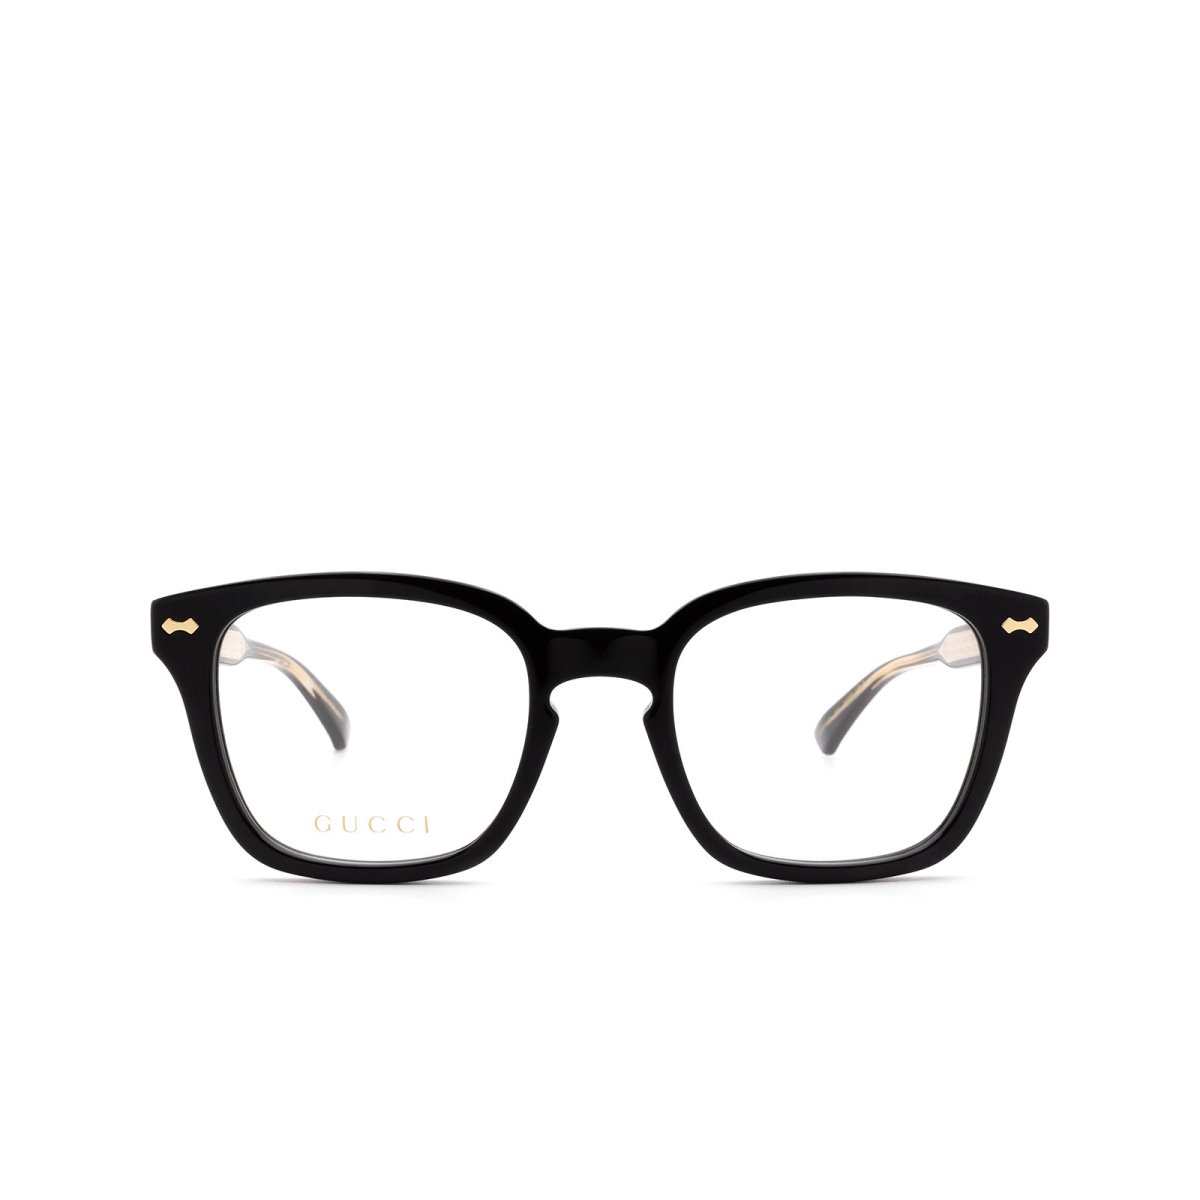 Gucci® Square Eyeglasses: GG0184O color Black 001.